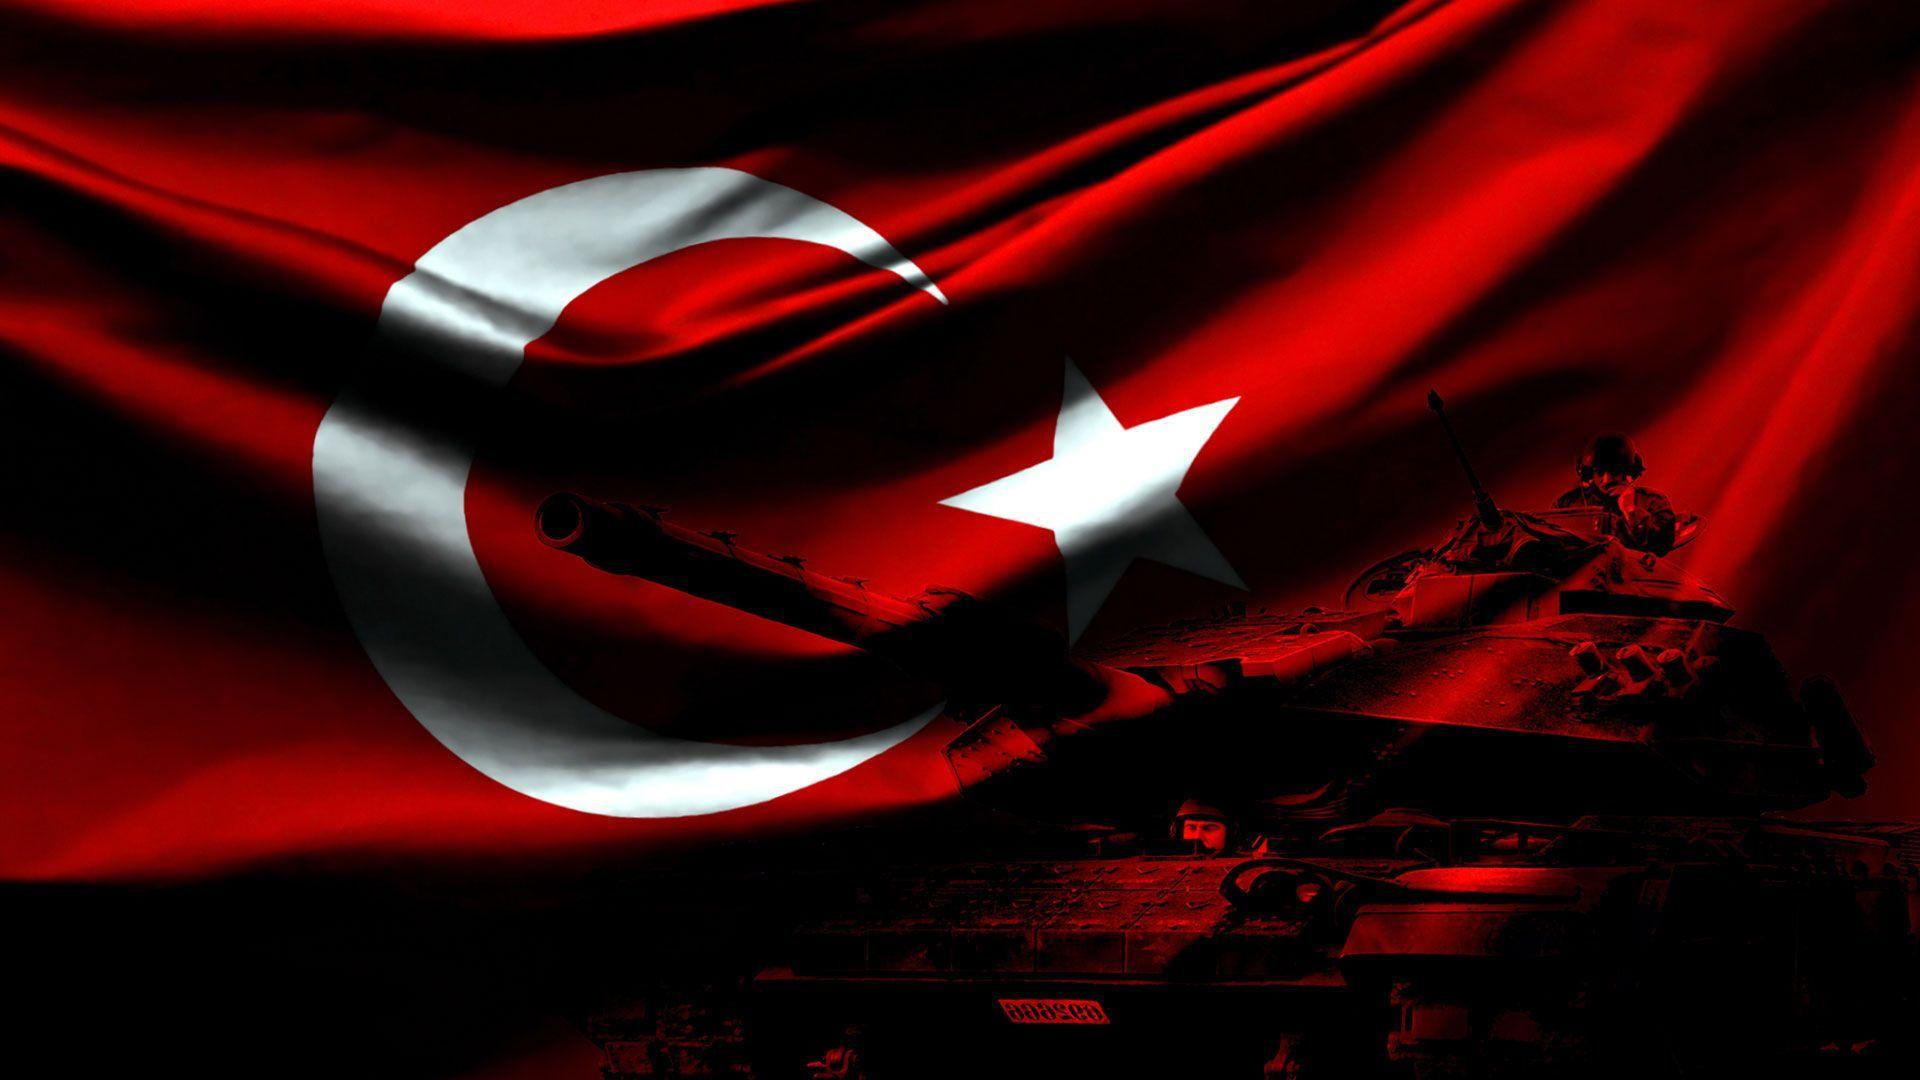 Hd Türk Bayrağı Arkaplan Resimleri şanlı Bayrağım